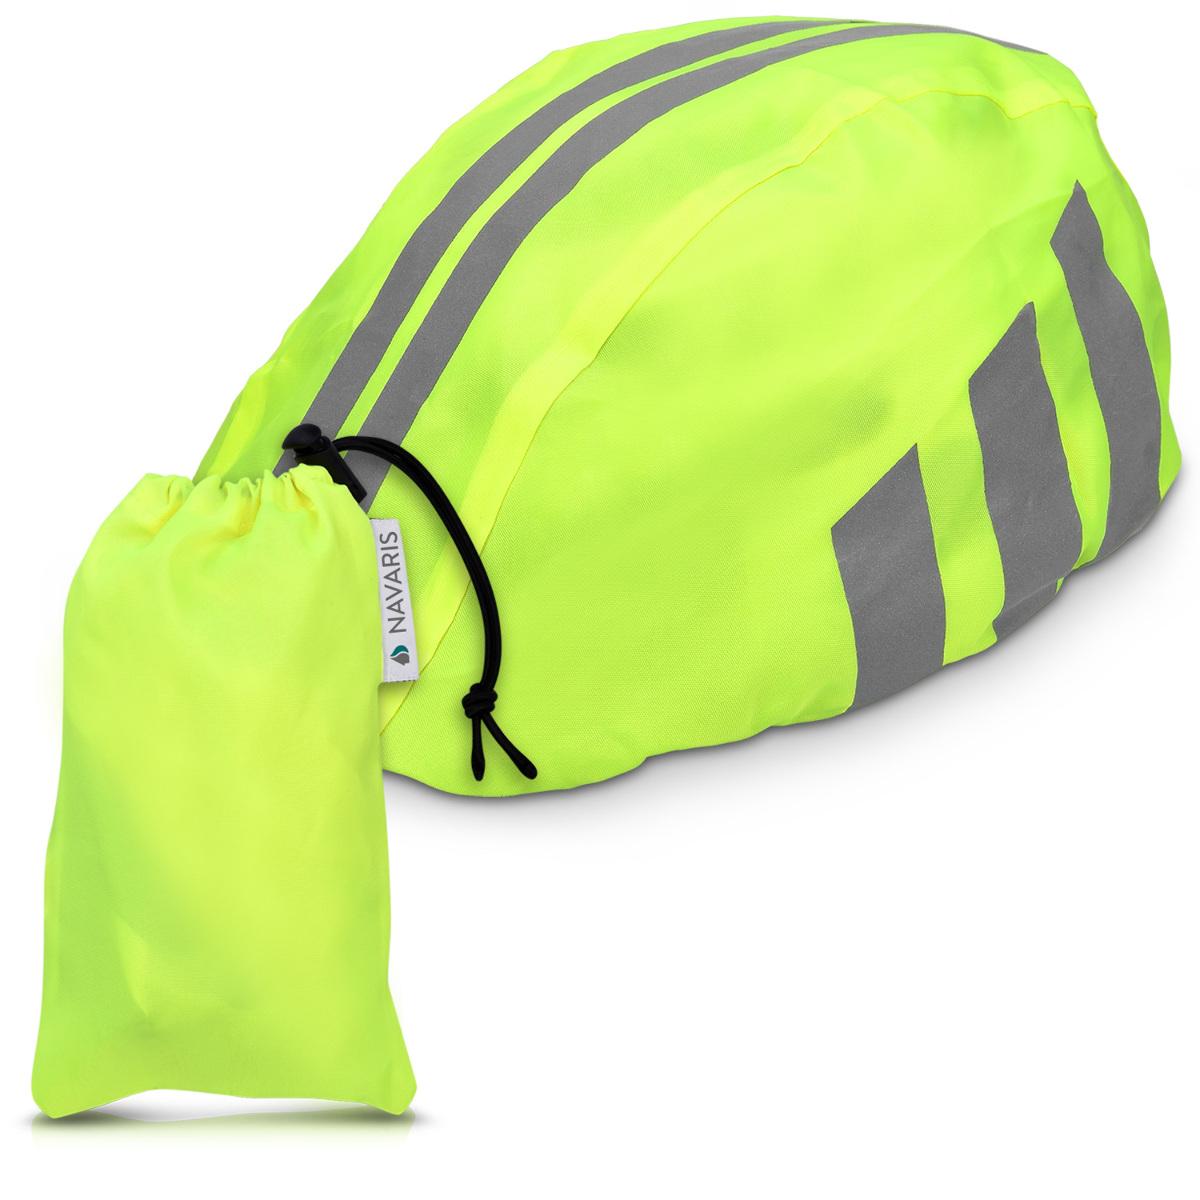 Navaris-Set-protection-jaune-neon-visibilite-pluie-impermeable-casque-velo